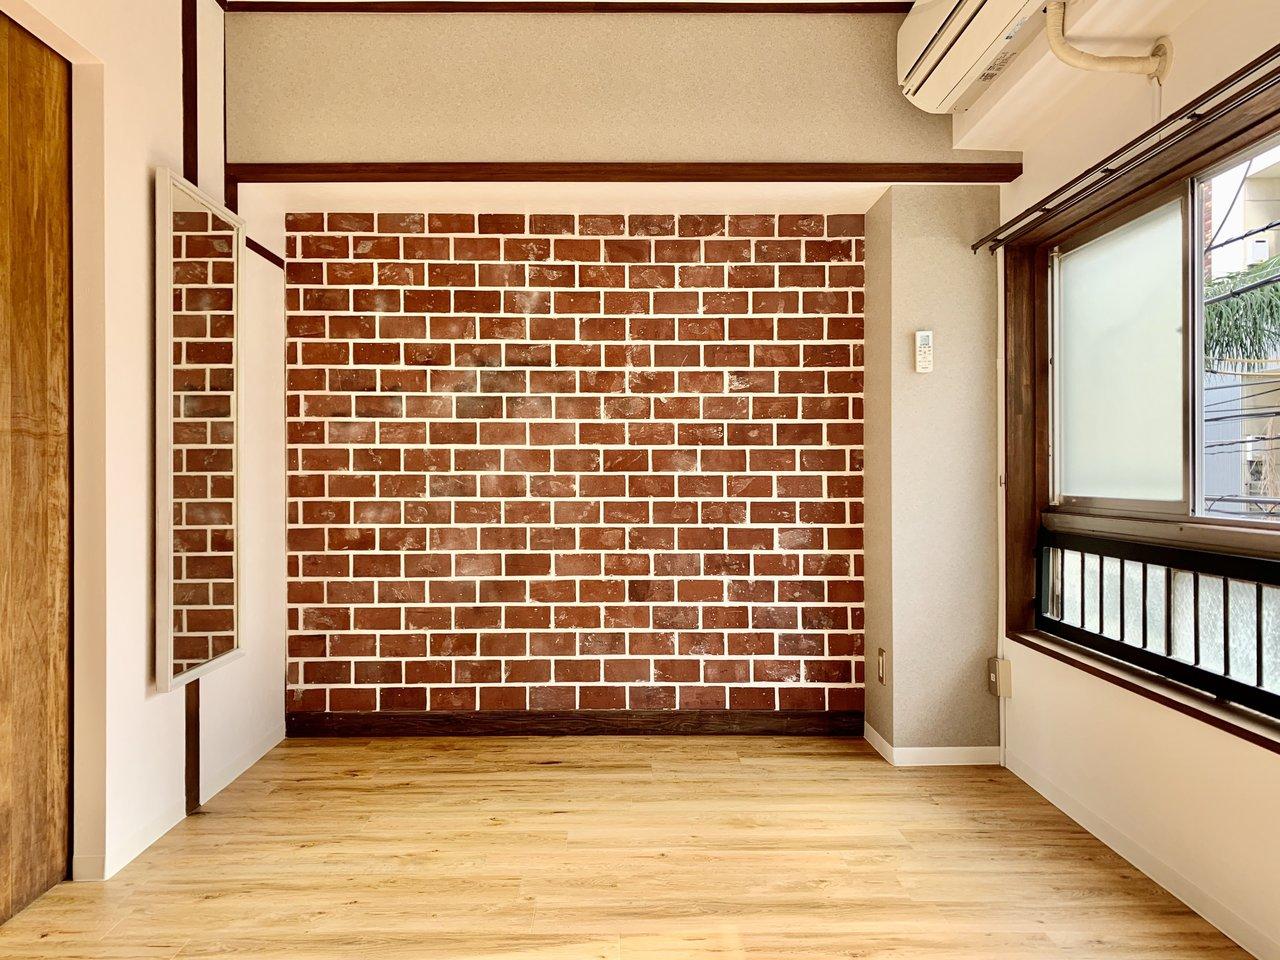 インスタ映えのレンガ風壁紙!一度はこういう面白いリノベ物件に住んでみたい。